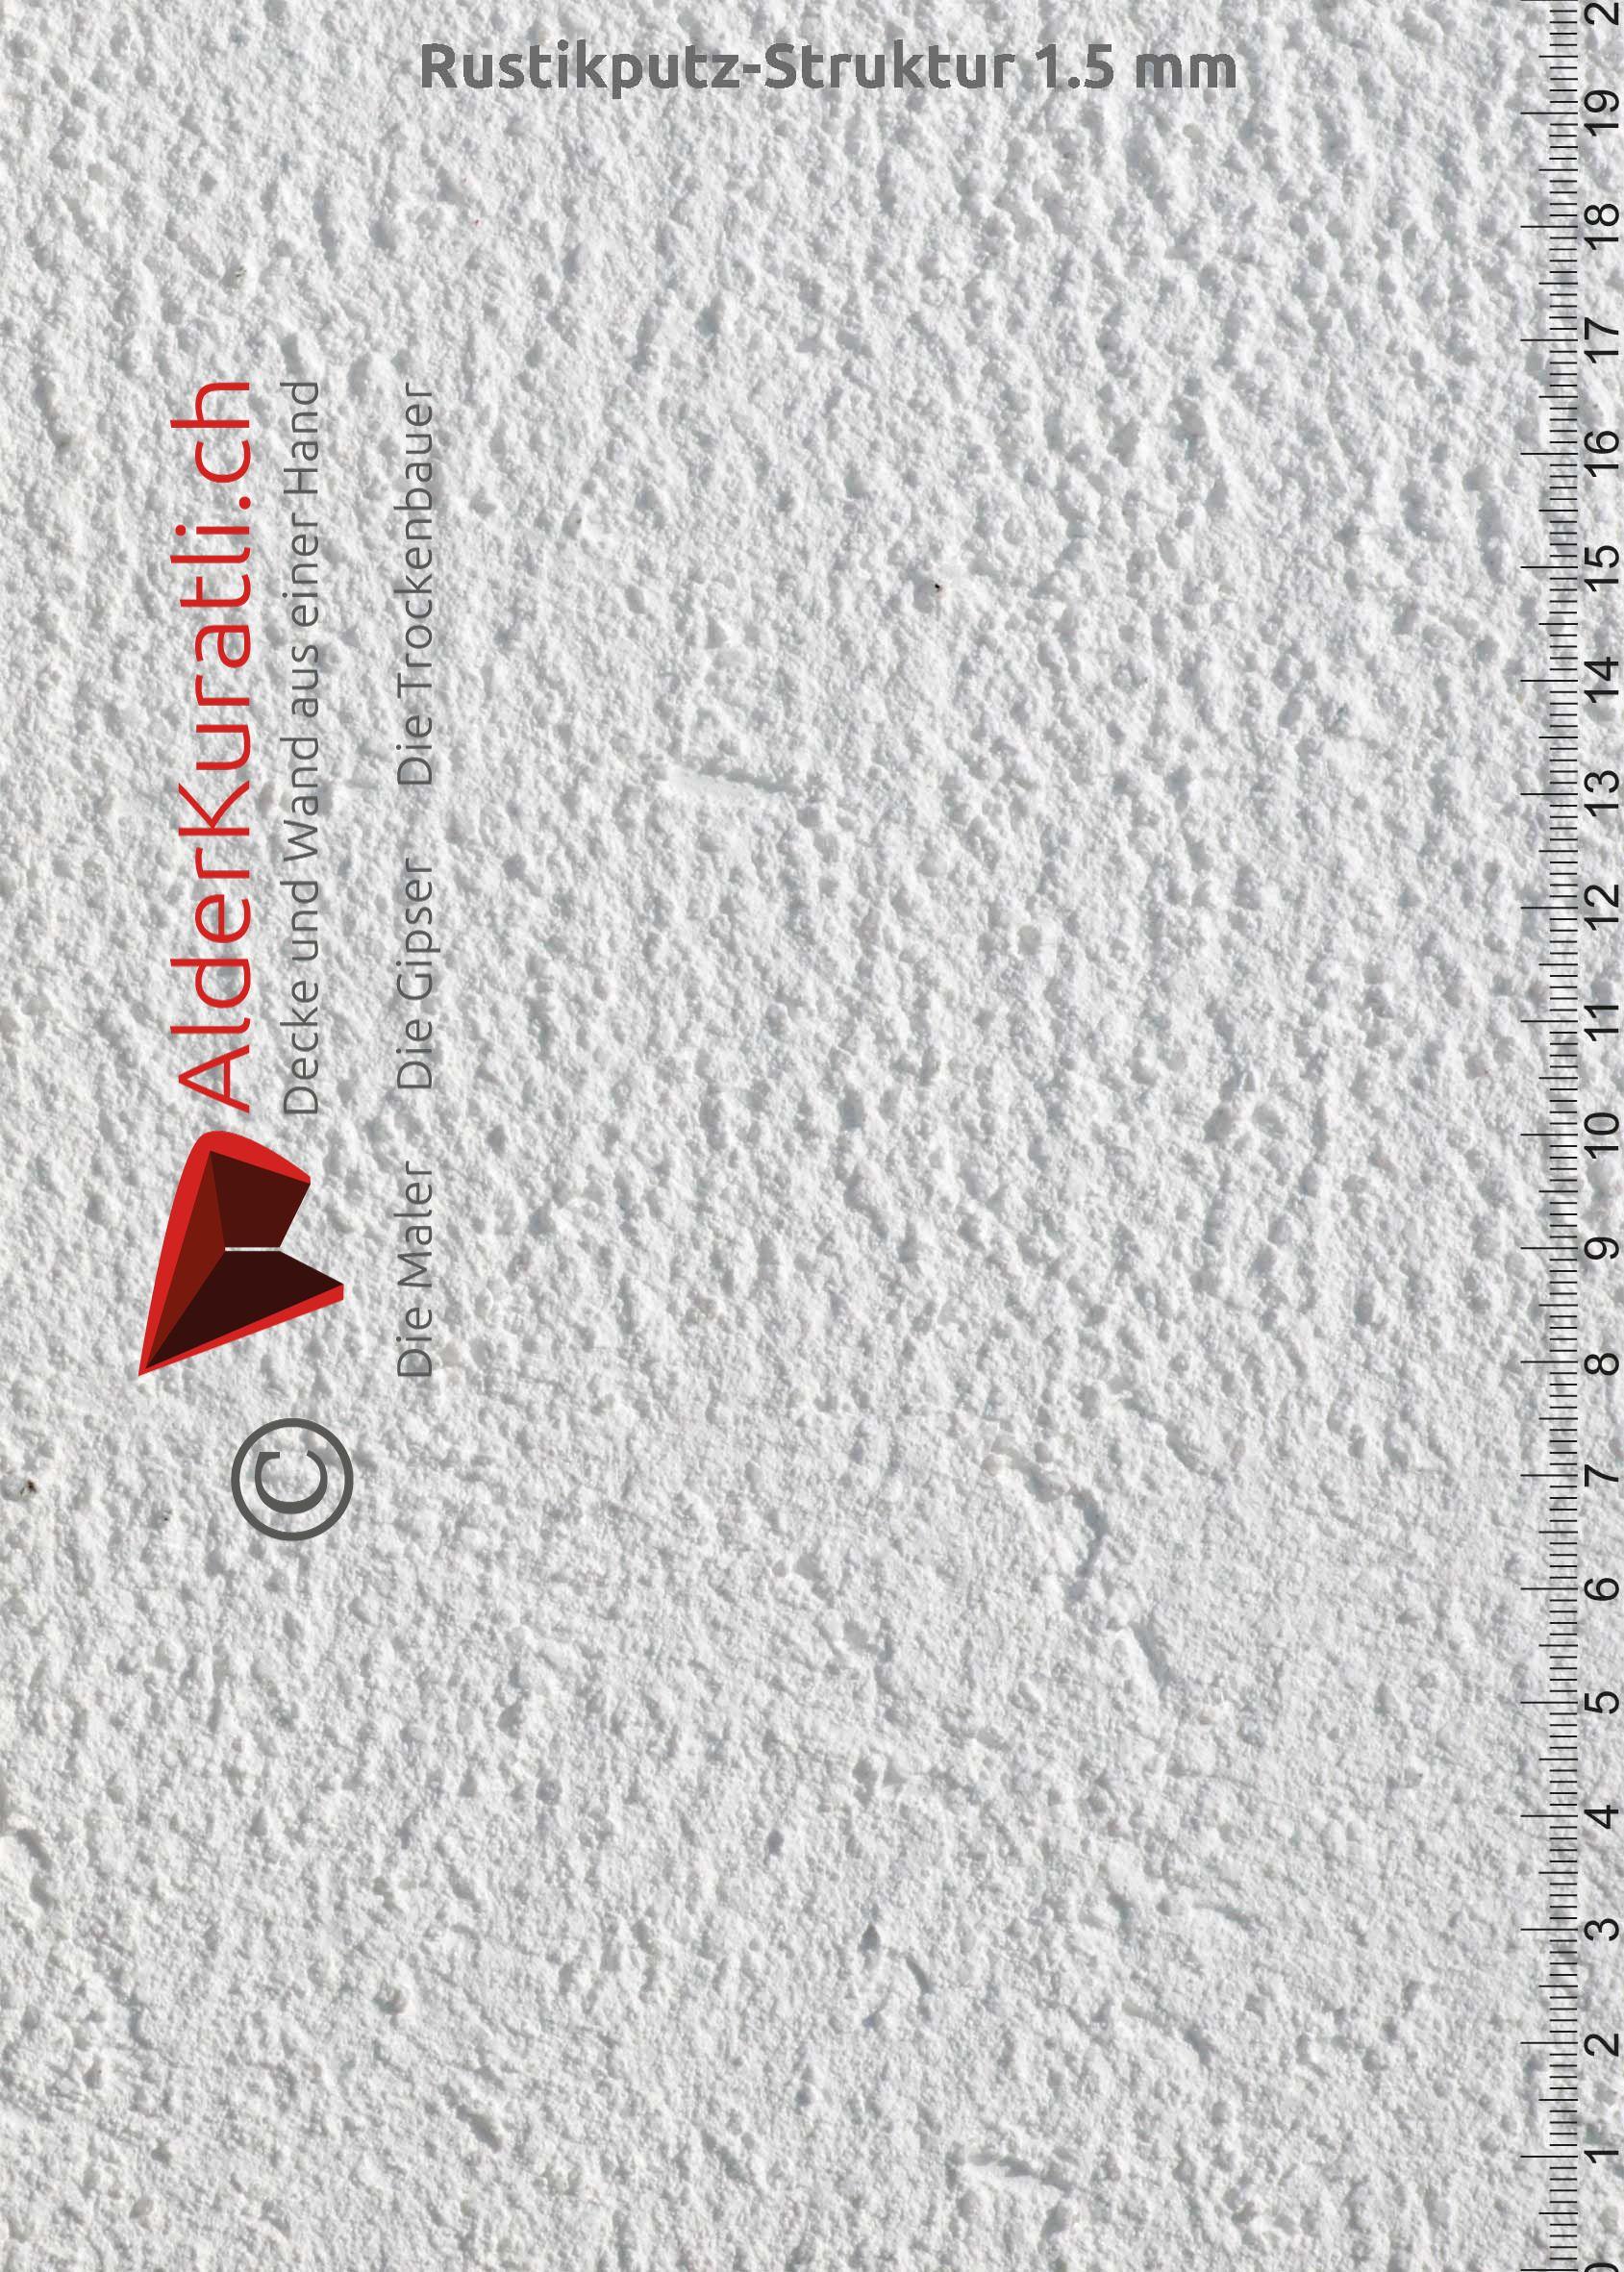 Rustikputz-Struktur_1_5mm